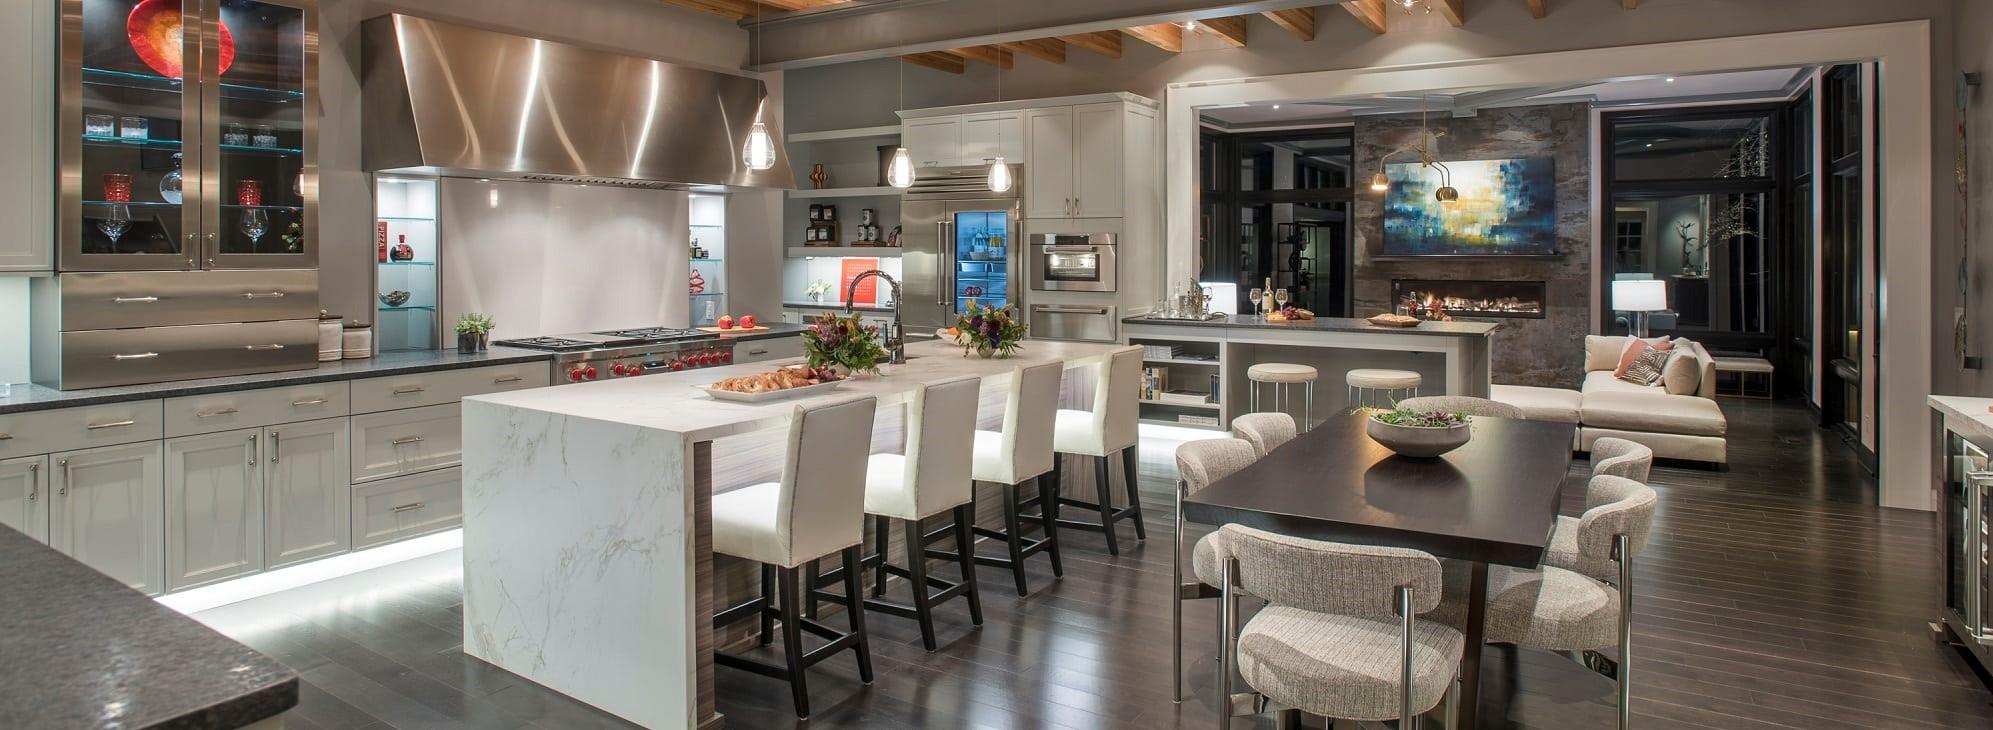 modern kitchen design austin texas